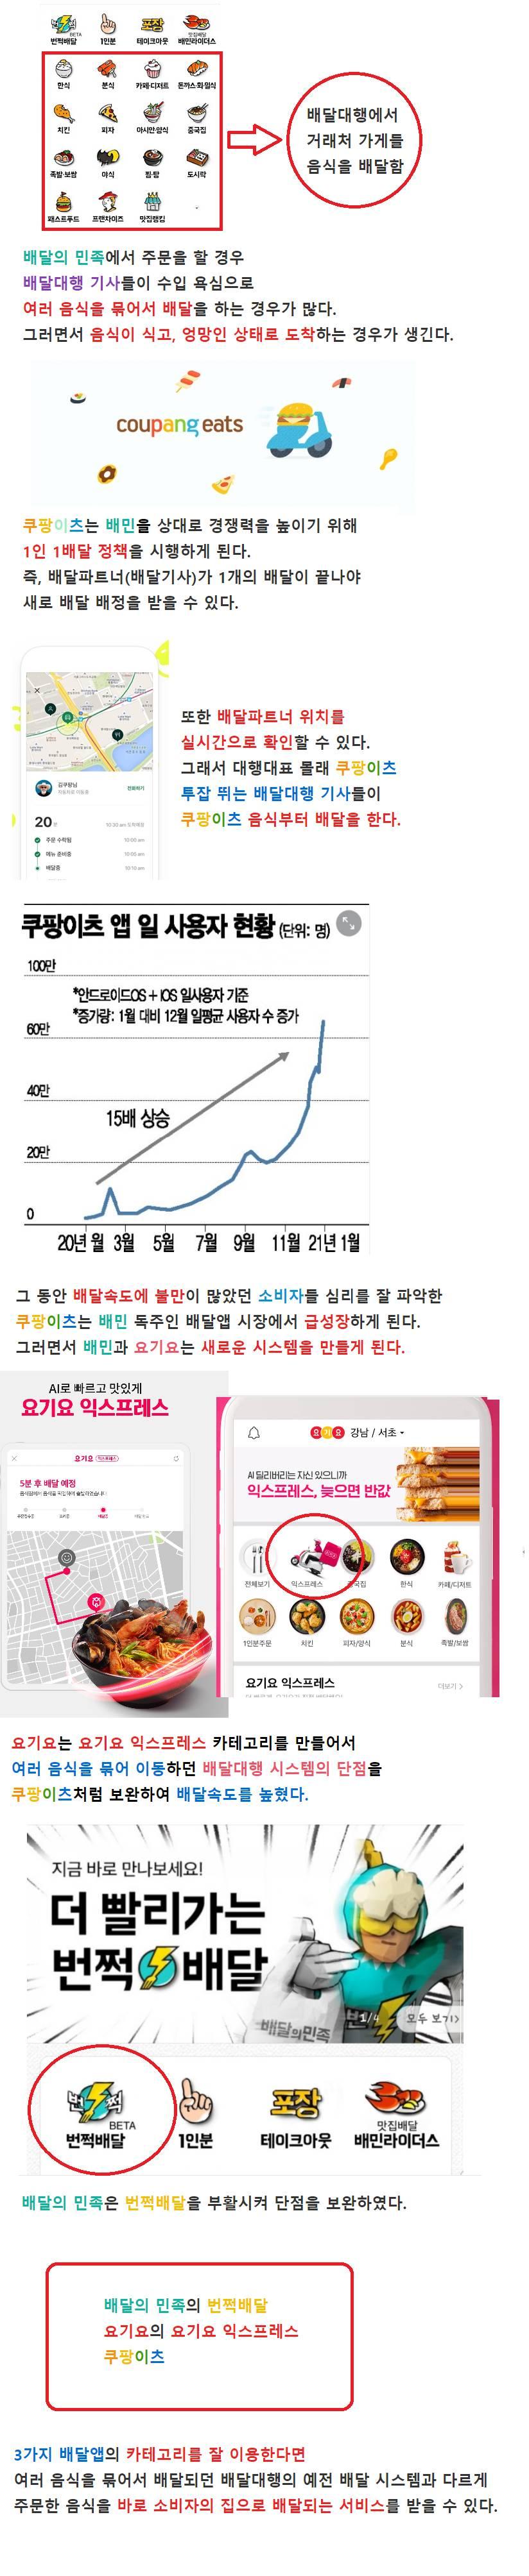 배달앱으로 배달음식 시킬 때 배달 빨리 받는 꿀팁.jpg | 인스티즈